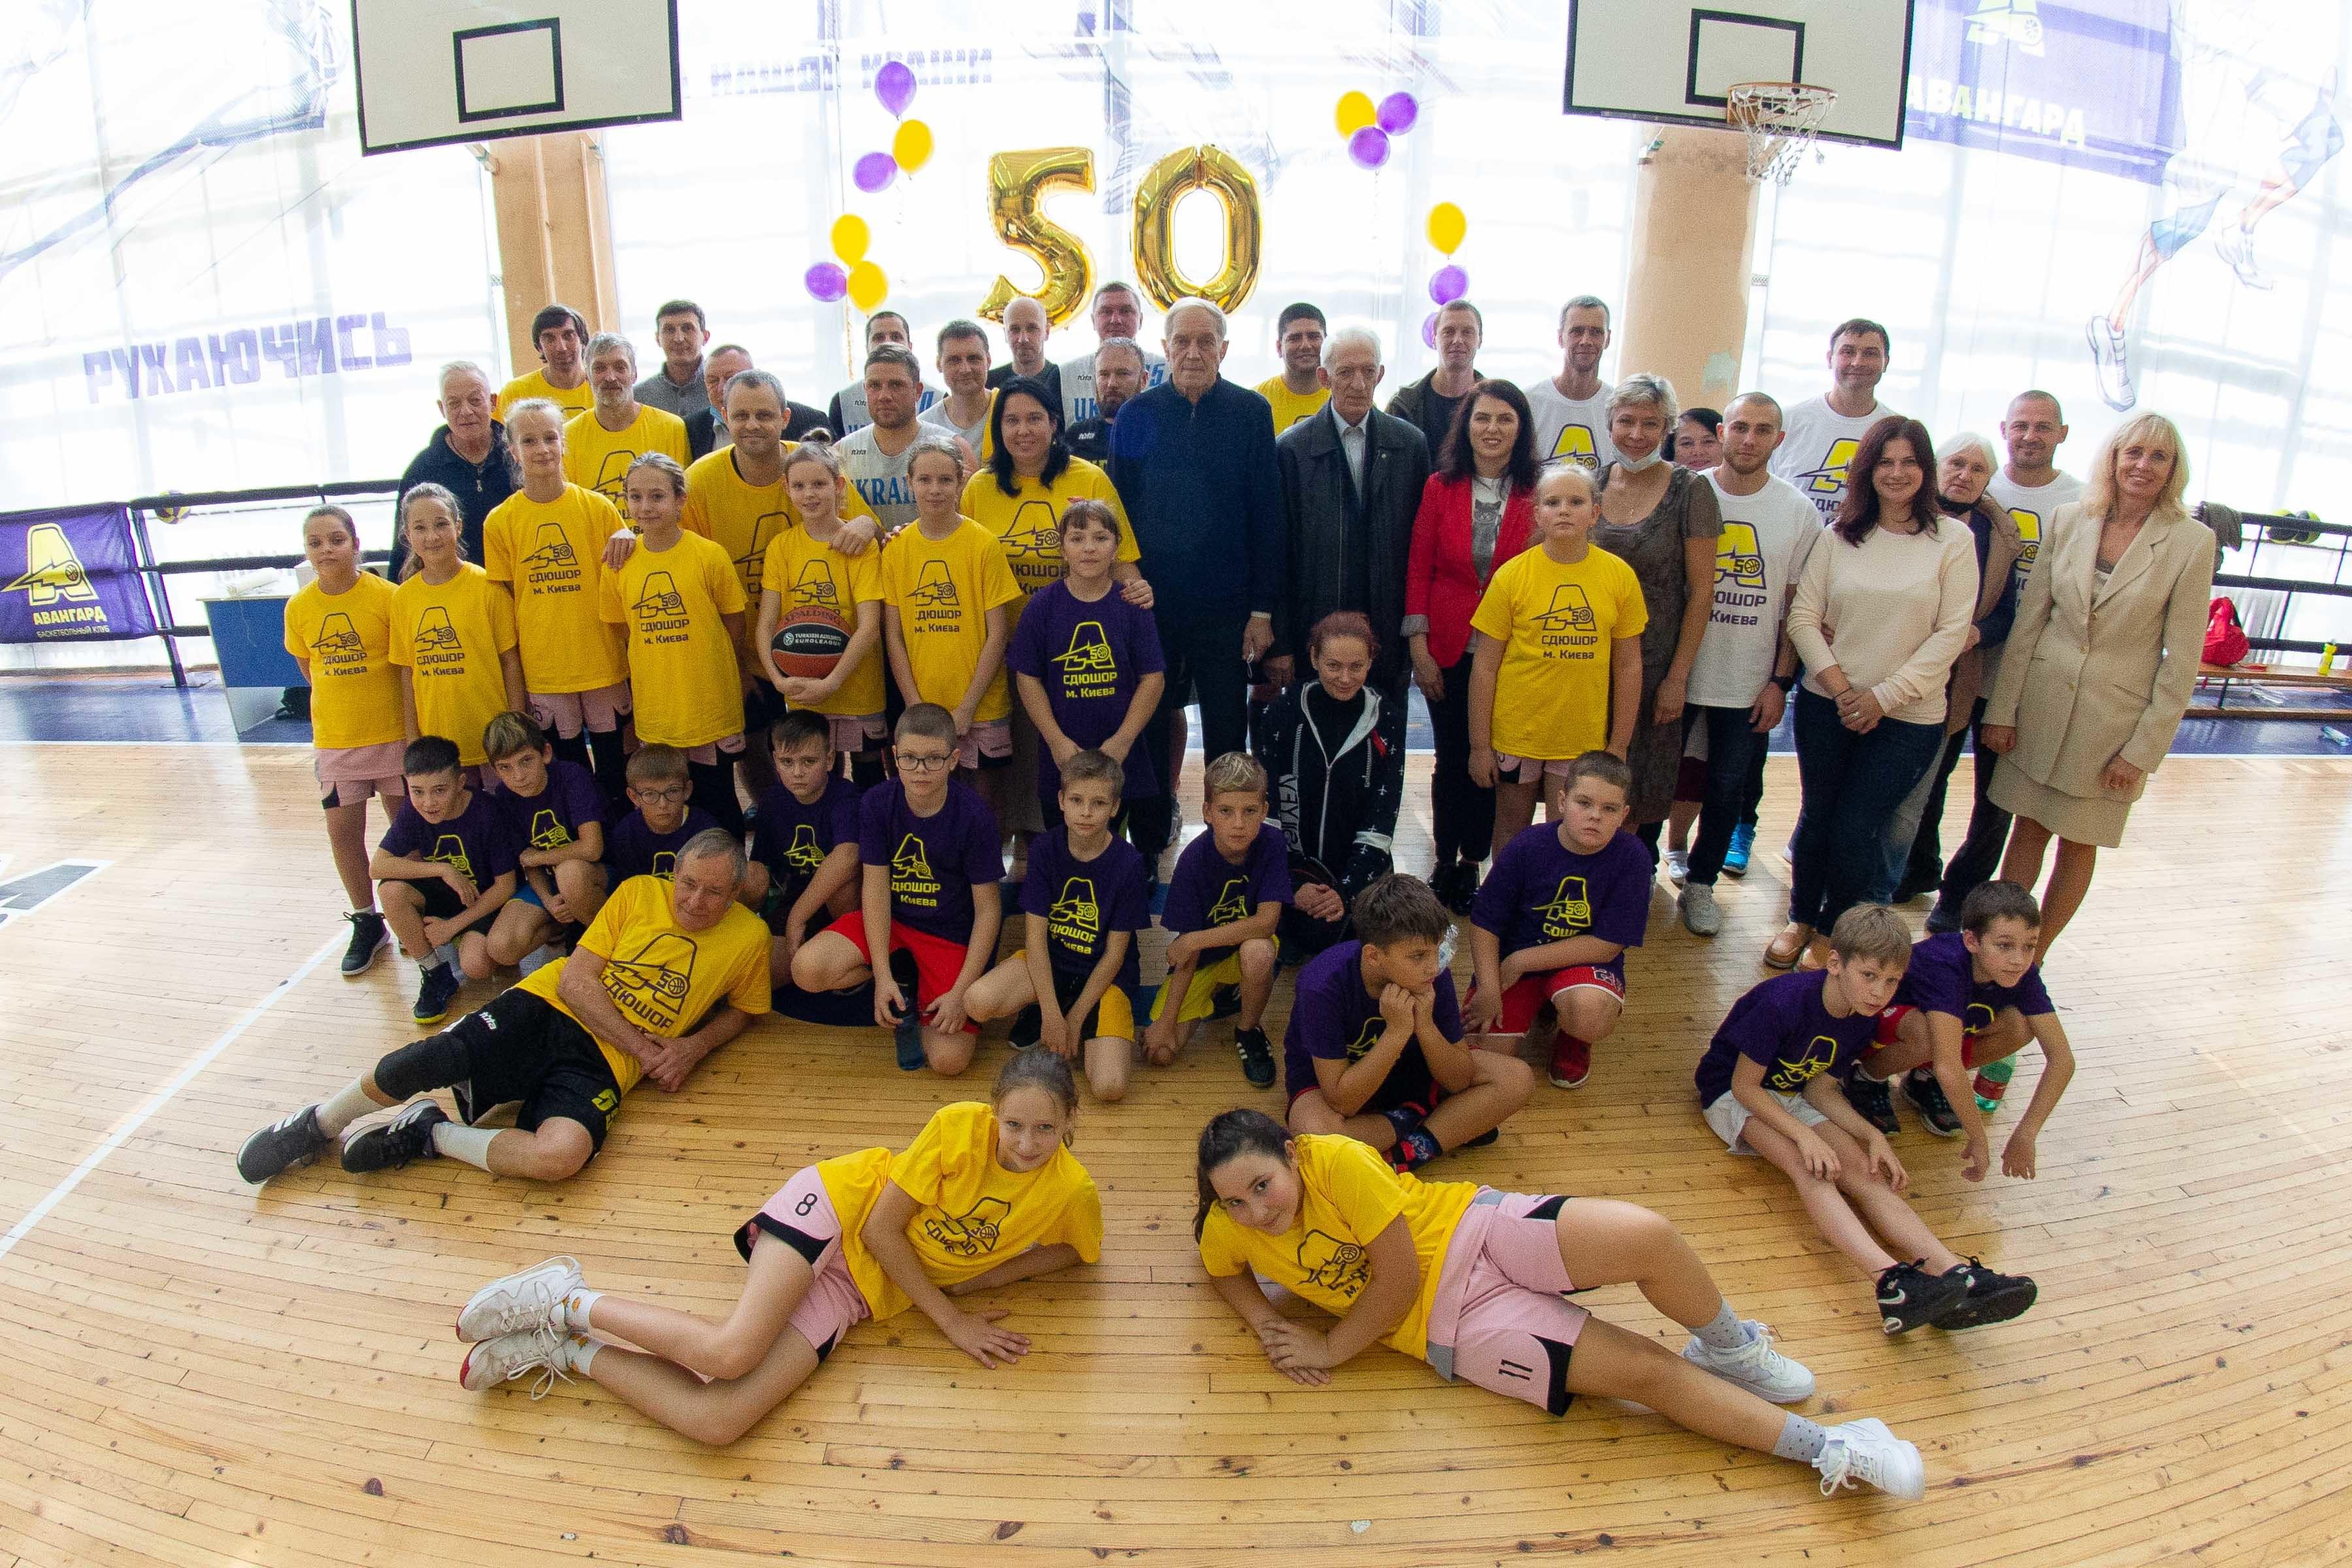 В Києві відсвяткували 50-річний ювілей баскетбольної школи олімпійського резерву